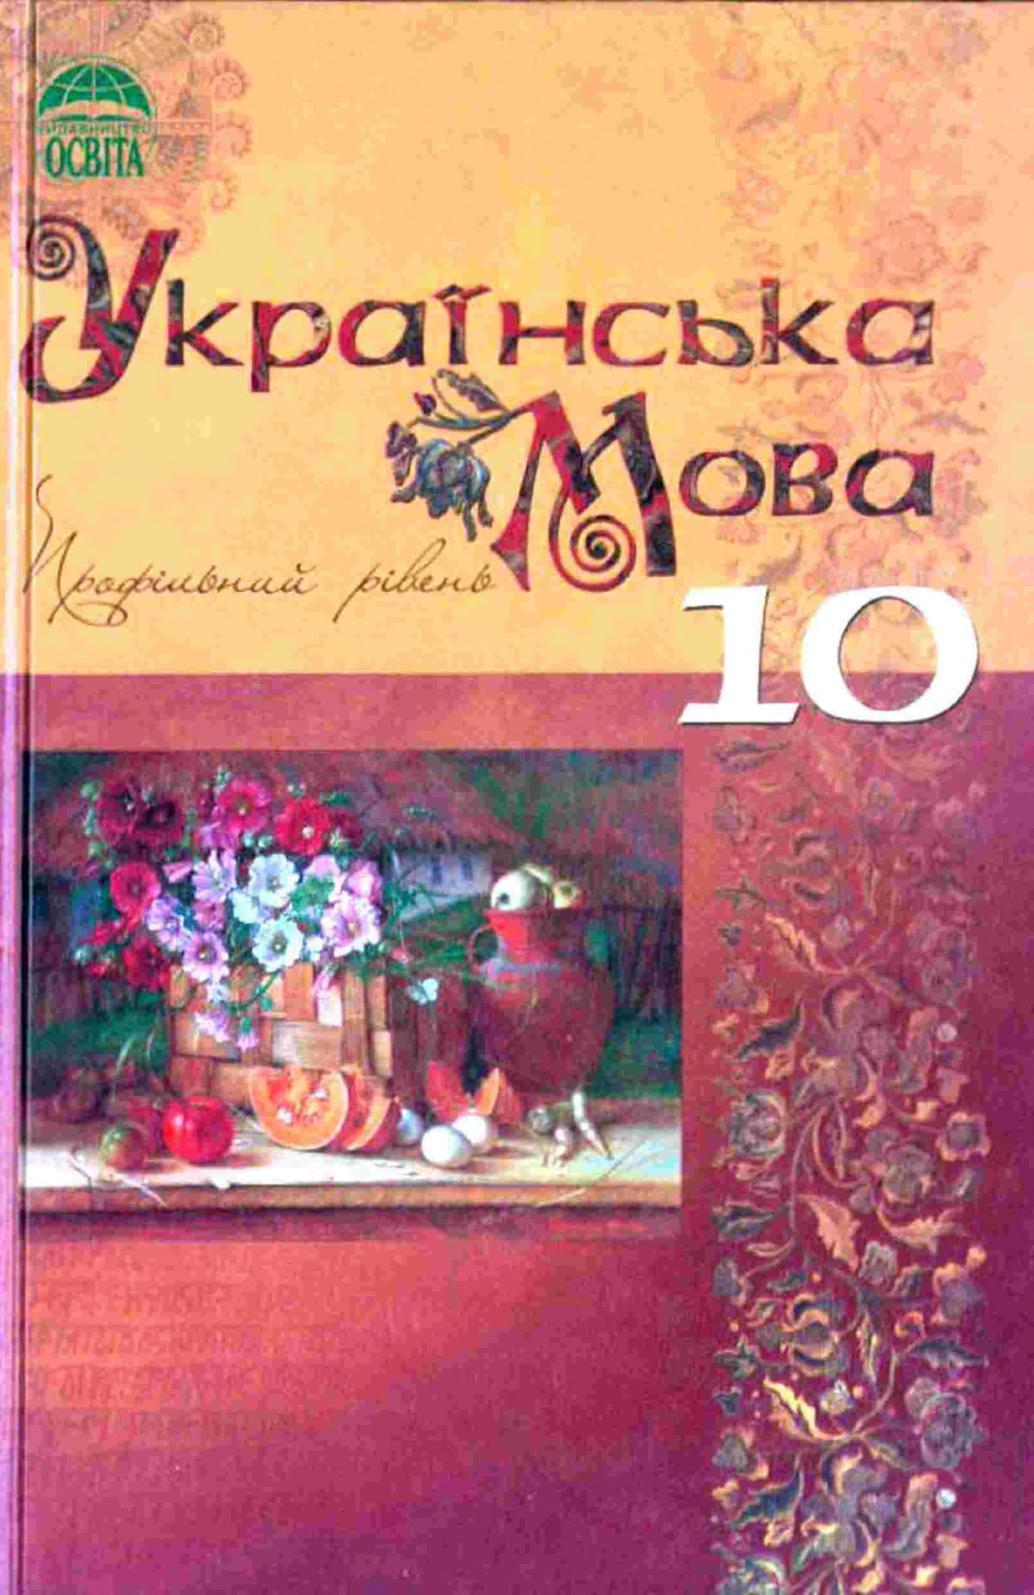 Calaméo - 10 класс. Украинский язык Pljushh 2010 6f95fa3041a26